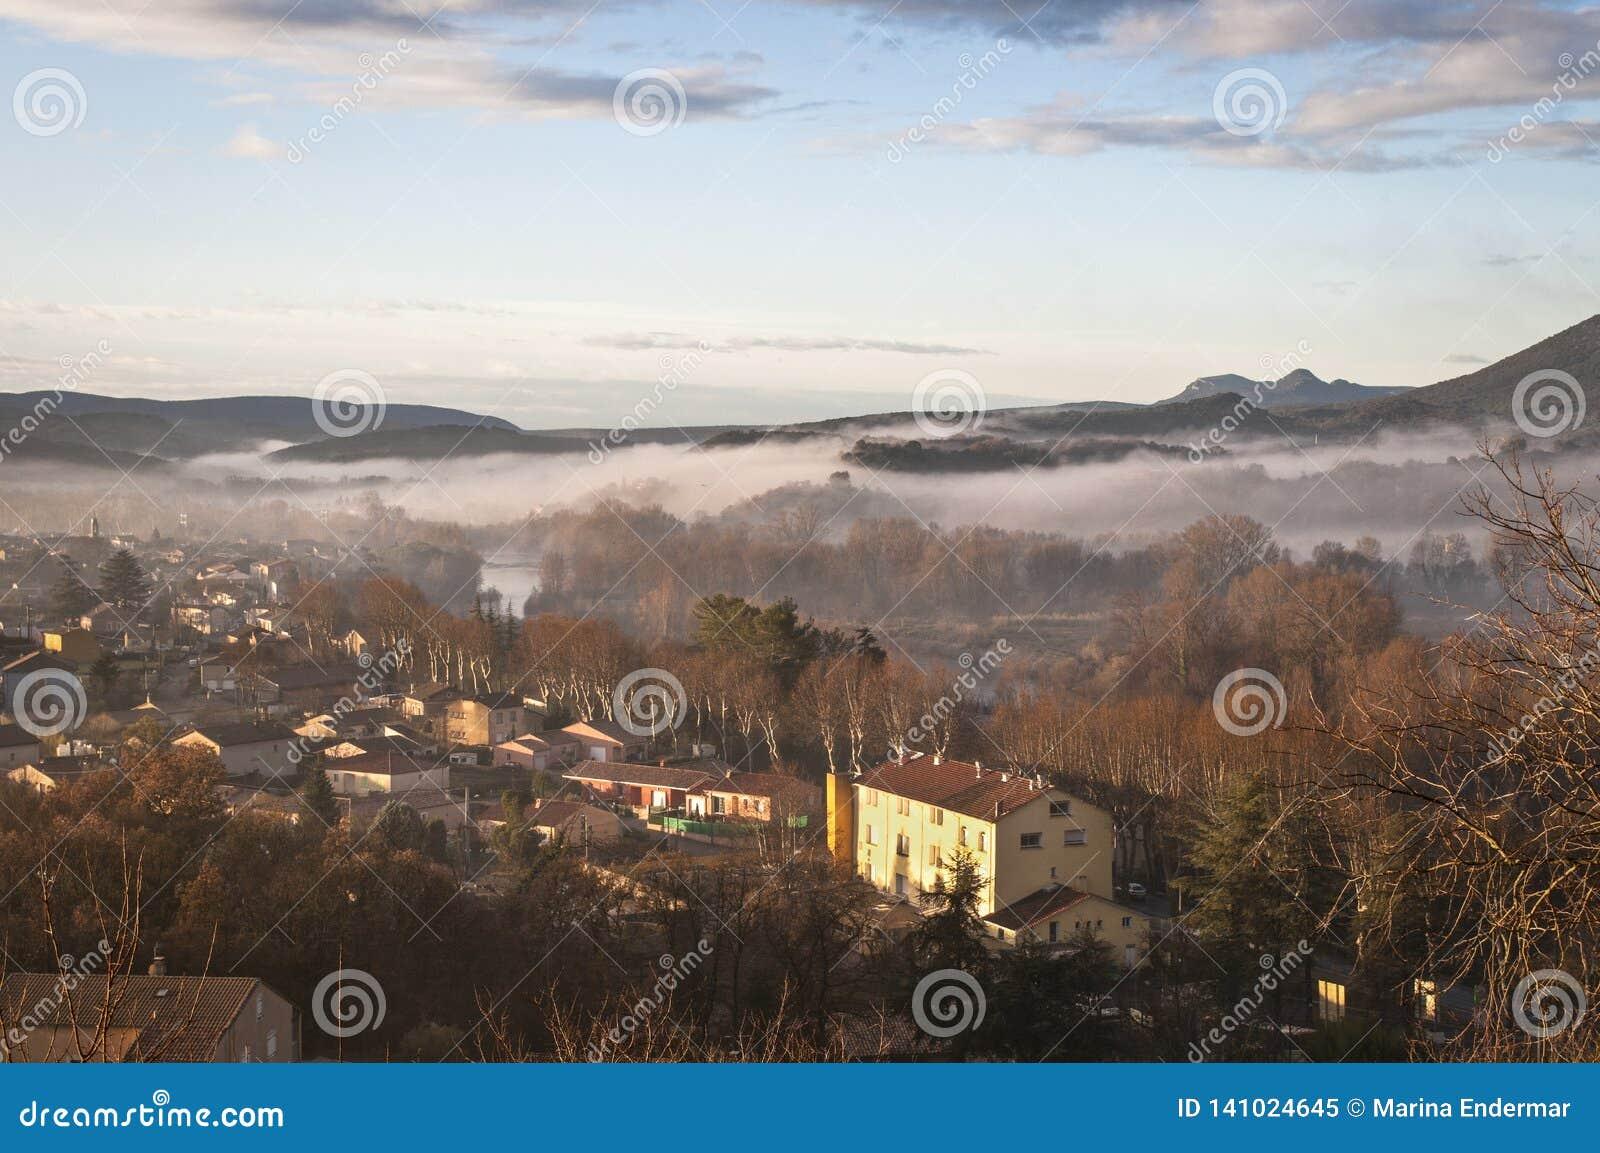 View of the village Saint Bauzille de Putois, Herault, France